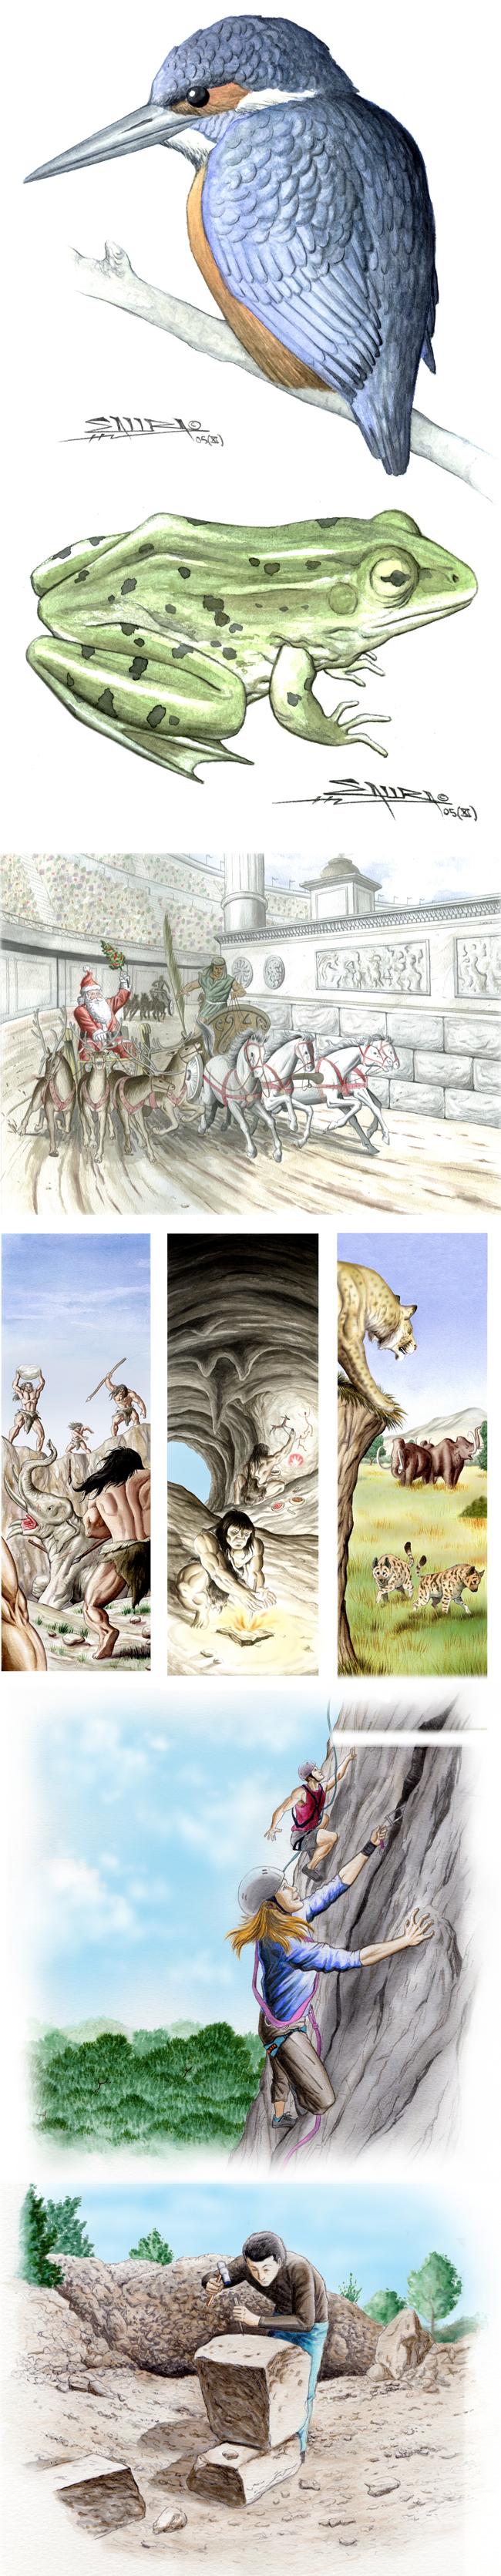 pastilla-tecnicas-tradicionales-master-segundo-ilustracion-academiac10-madrid